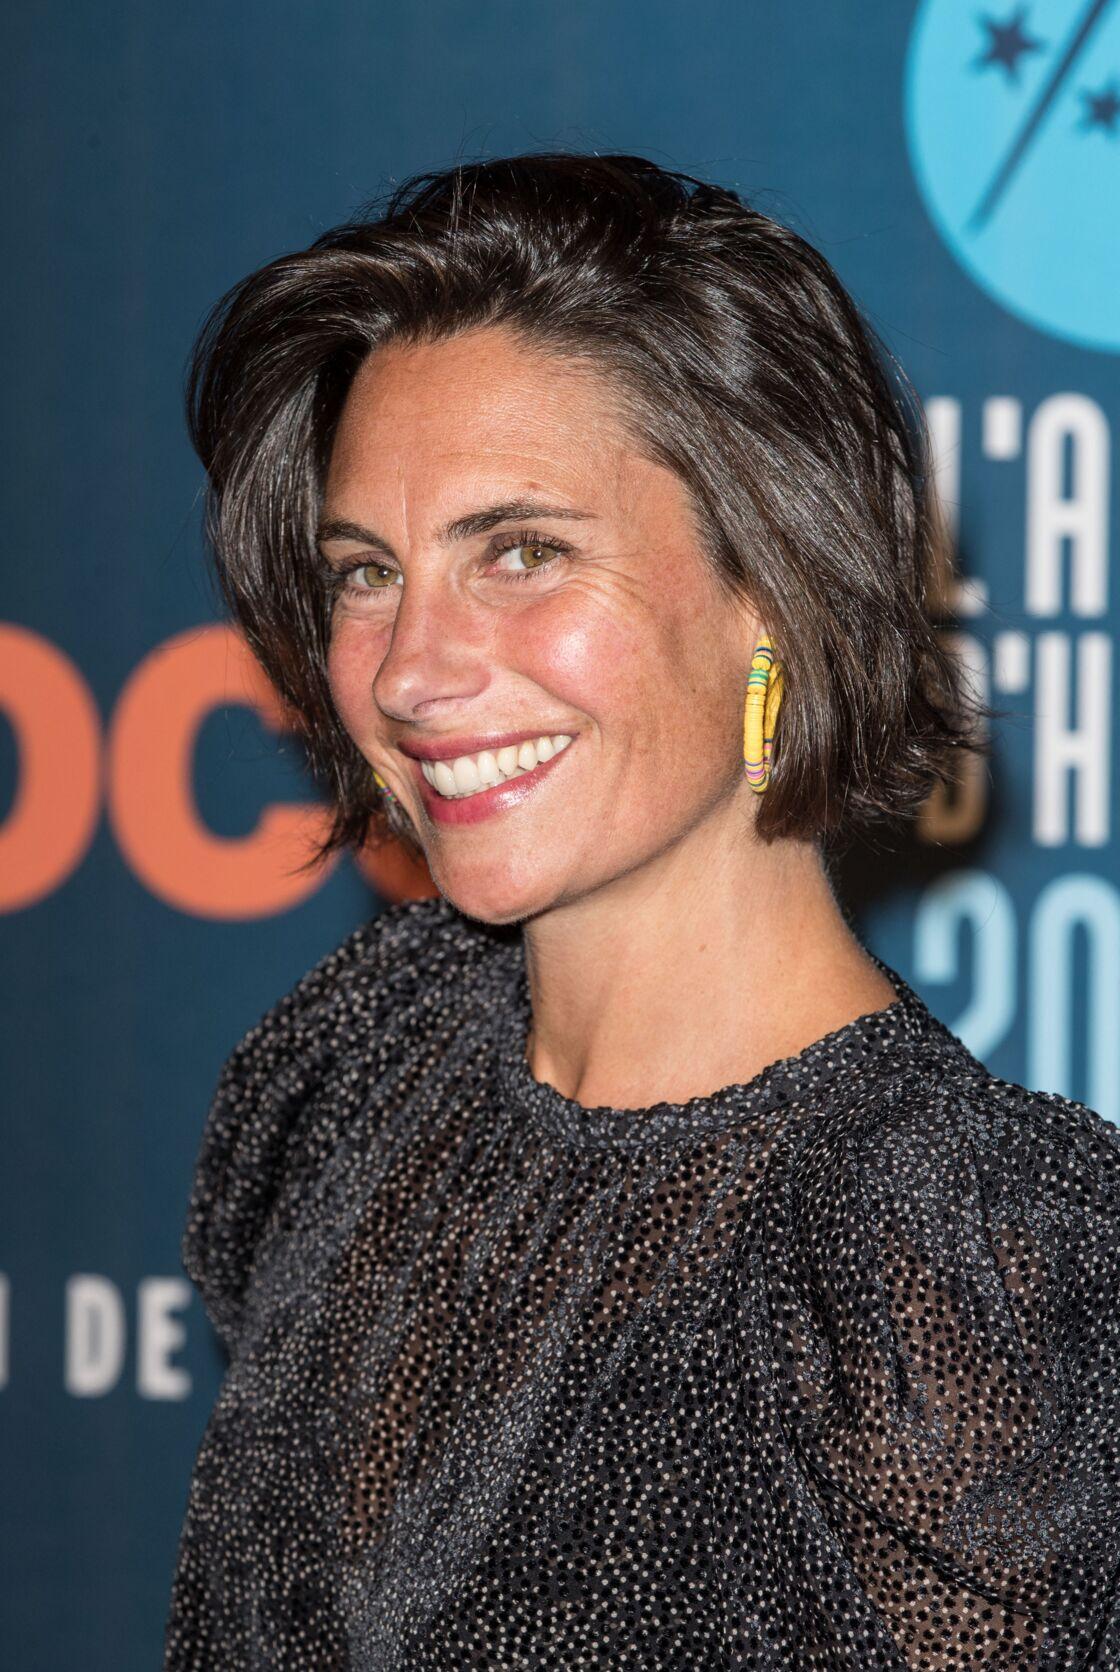 Alessandra Sublet mise sur un carré dégradé pour illuminer son visage